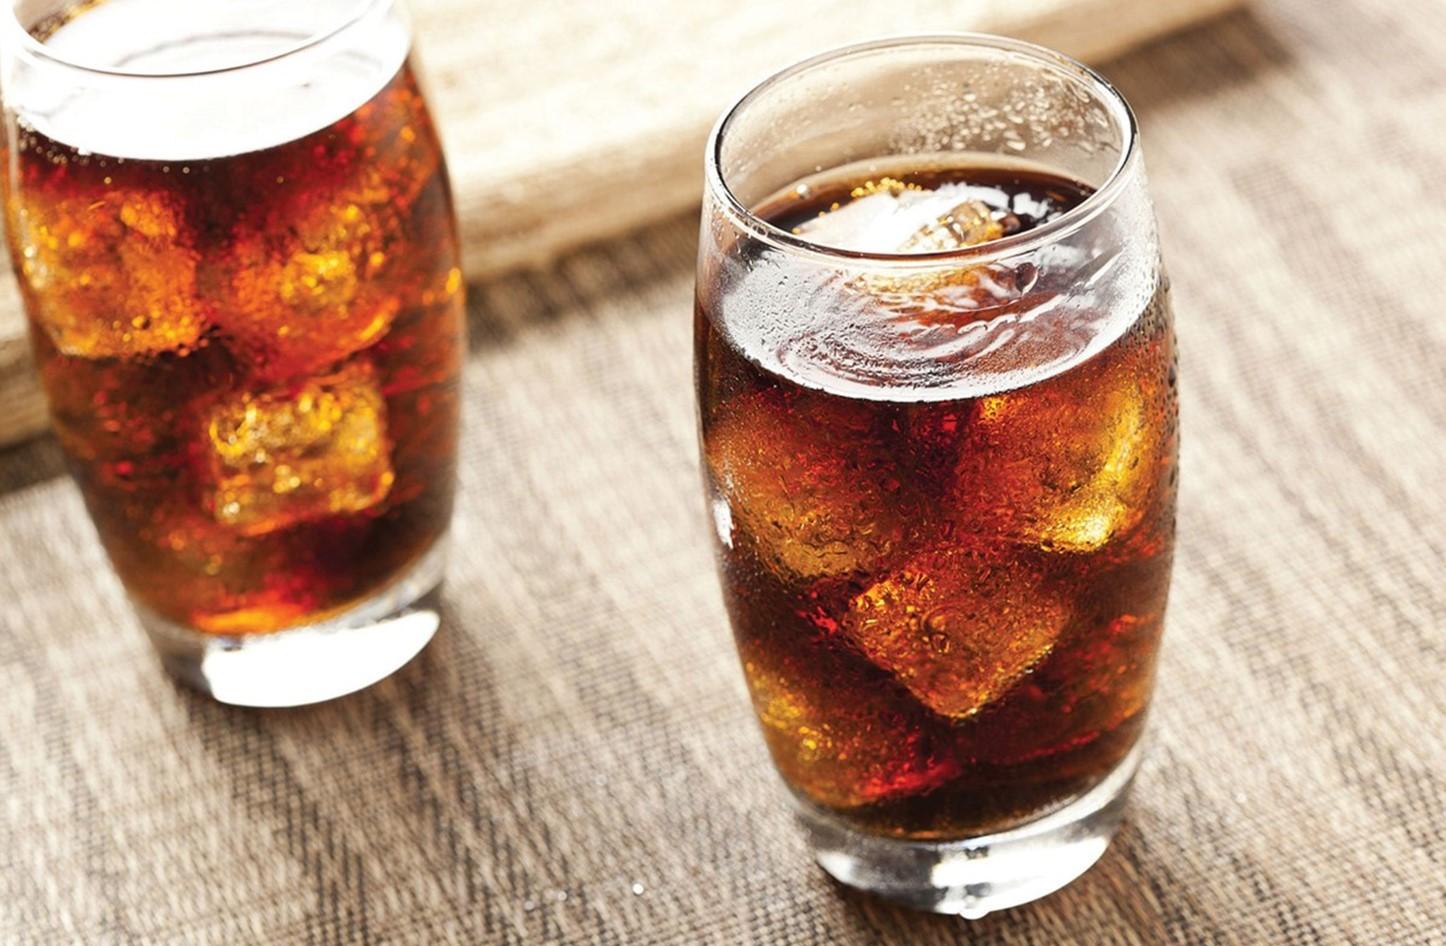 بشرى سارة لمحبي الكوكا كولا .. فوائد متعددة للمشروب الغازي !